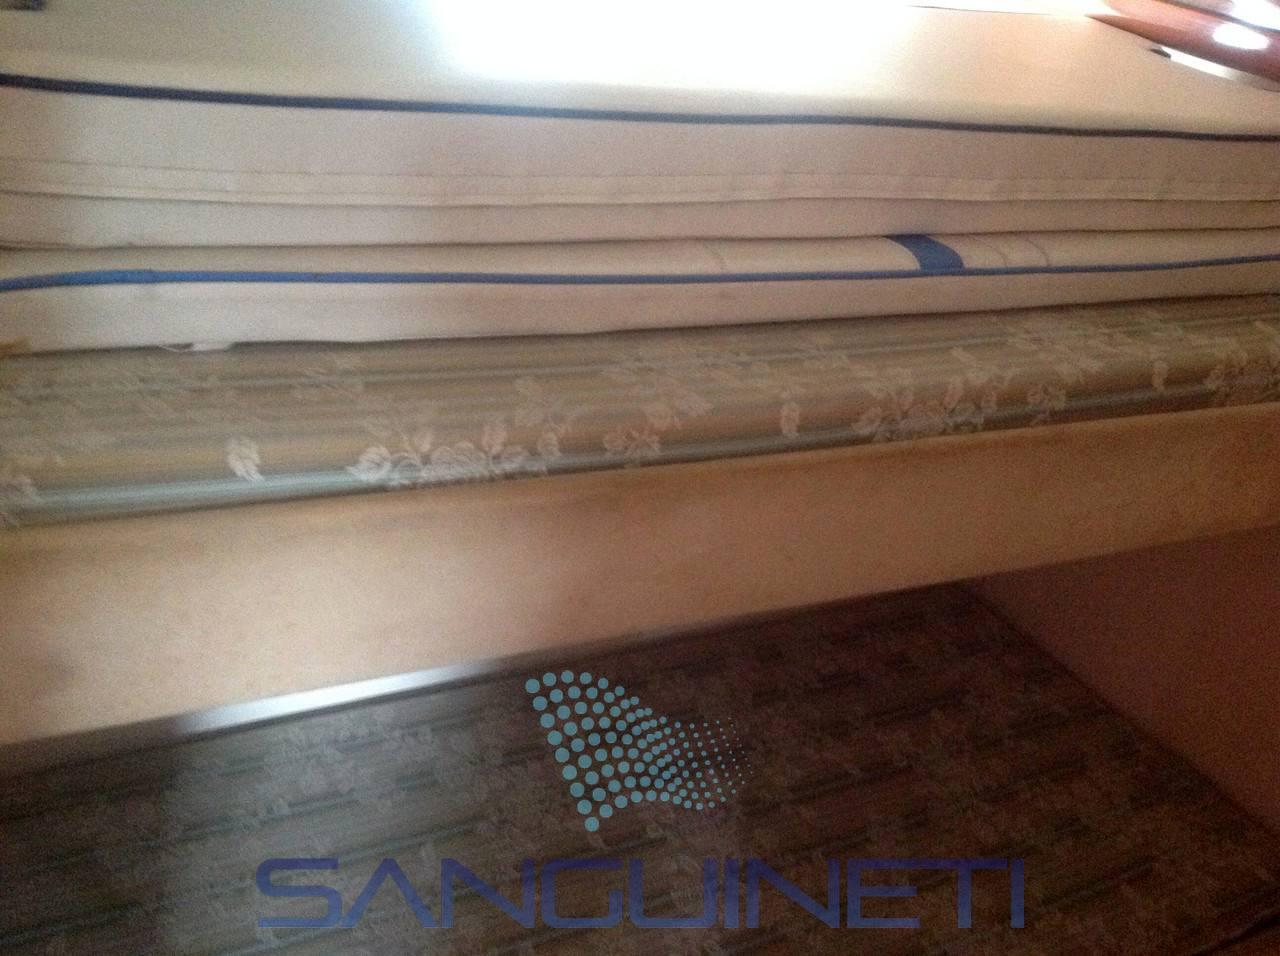 Gianetti 46 used